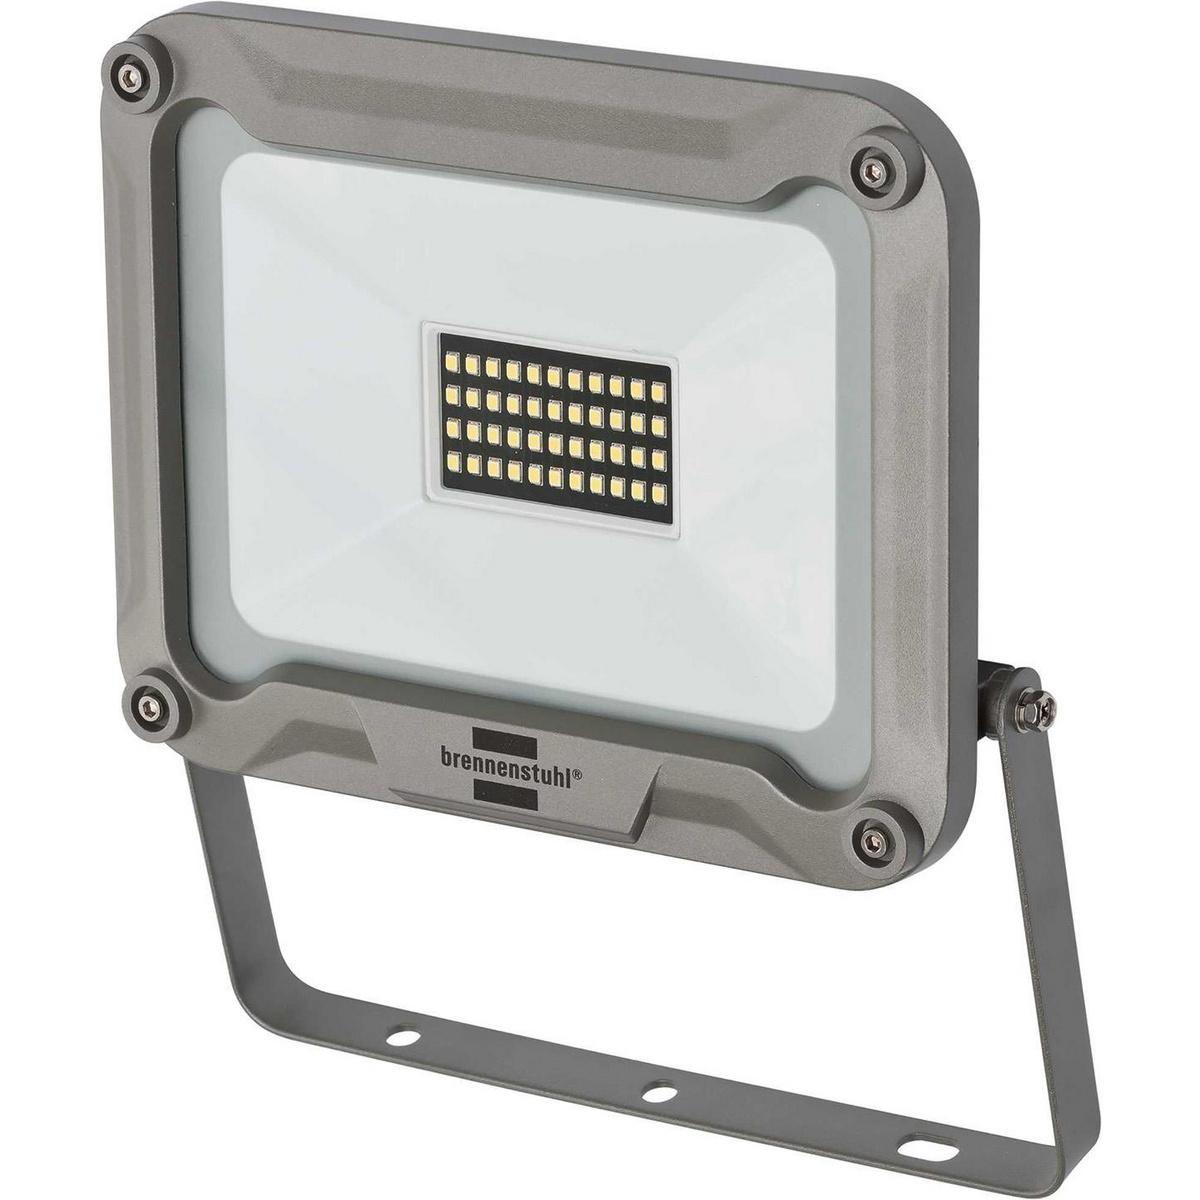 Geschikt voor installatie binnen- en buitenshuis, IP 65. Krachtige 30 WLED-lamp met chip voor wandmontage, met extra brede lichtspreiding voor de verlichting van een groot oppervlak. Ideaal voor hobbyisten, werkplaatsen en bouwterreinen. Verlicht ingangen